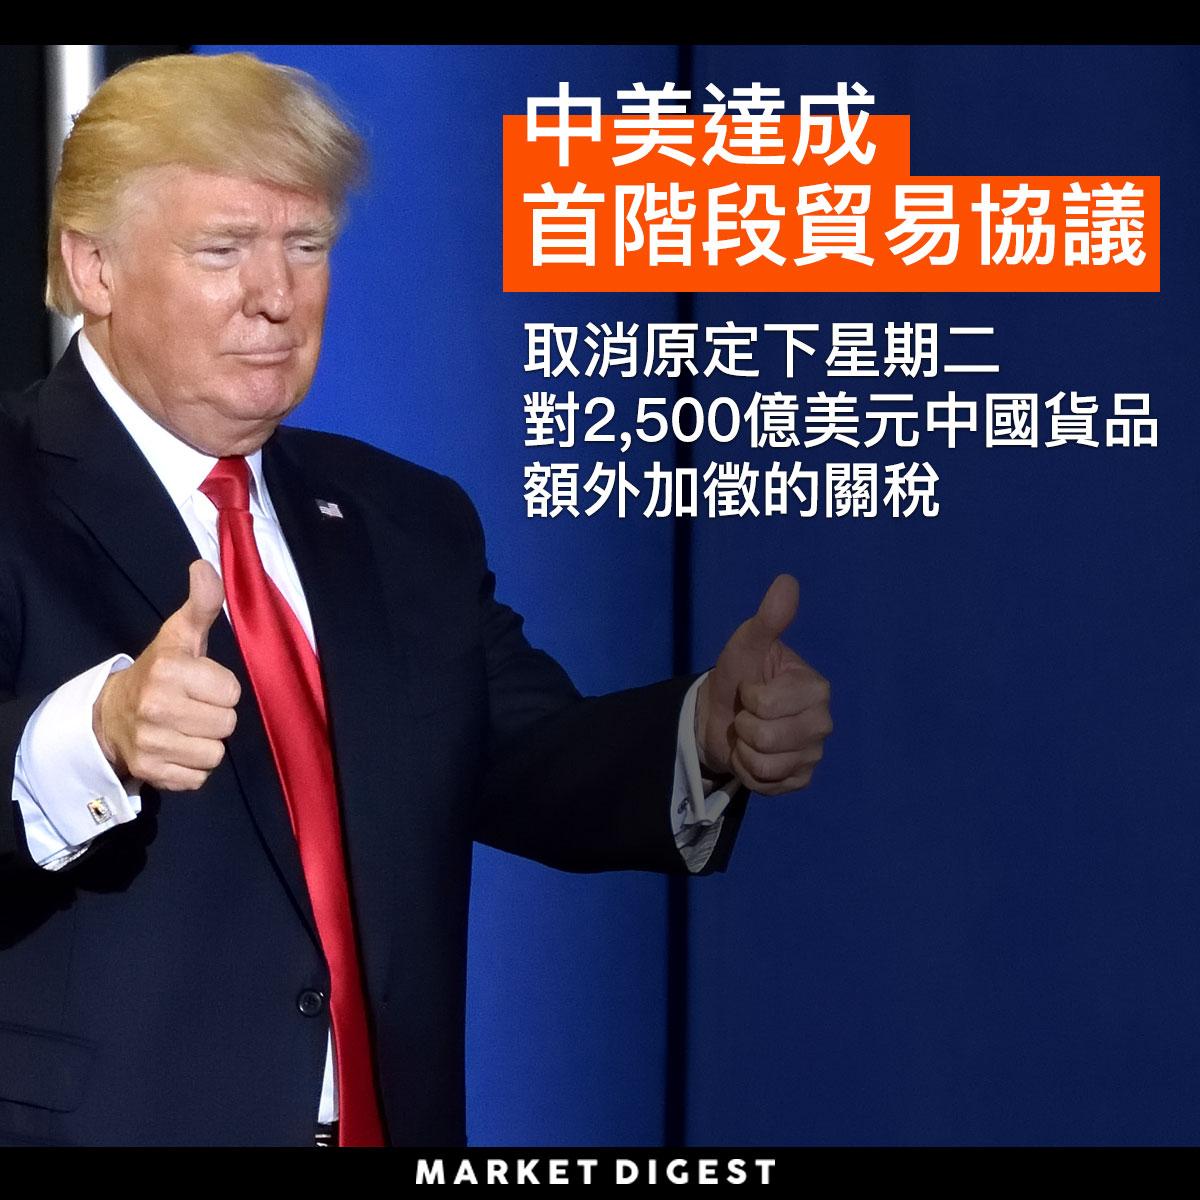 【中美和解】中美達成首階段貿易協議,取消原定下星期二對2,500億美元中國貨品額外加徵的關稅